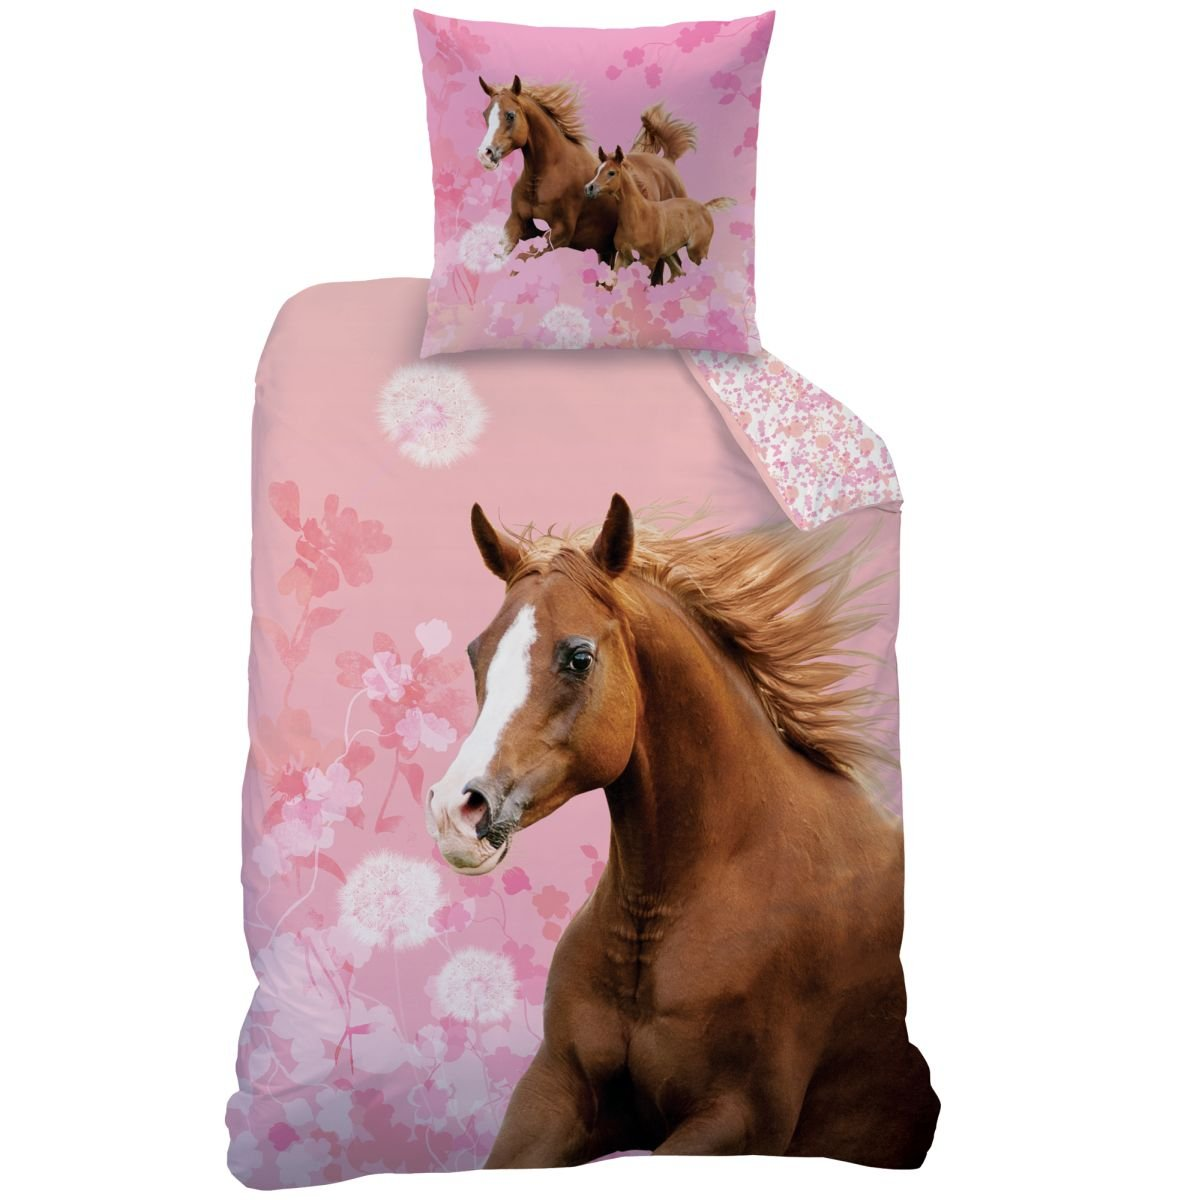 Dobnig 653479 Pferde Bettwasche Biber Bettwasche Aus 100